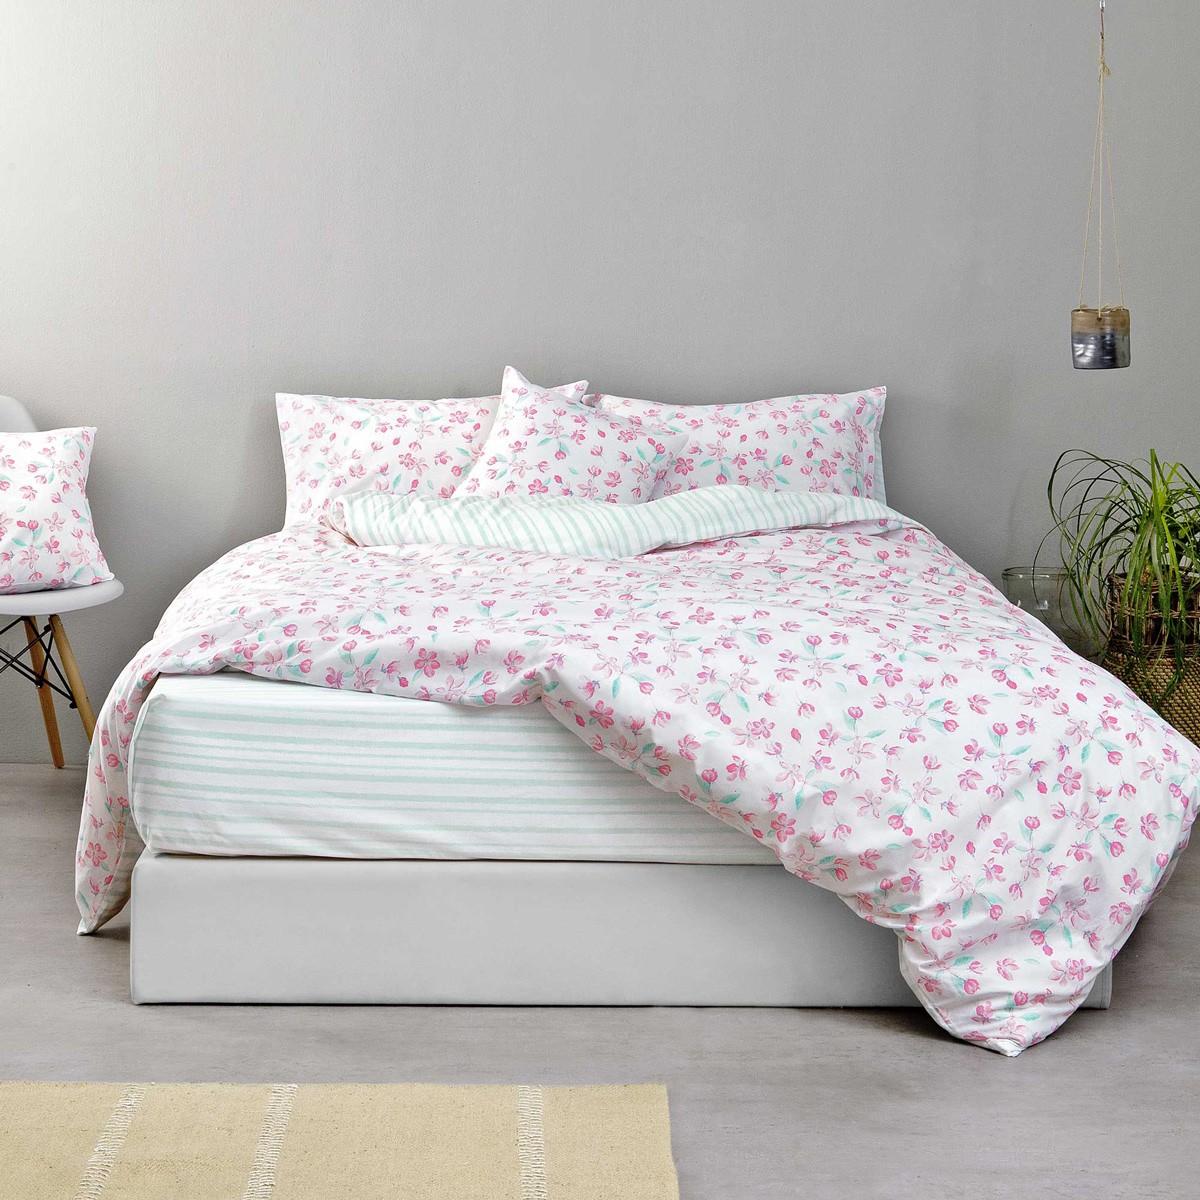 Κουβερλί Υπέρδιπλο Nima Bed Linen Water Lily Pink